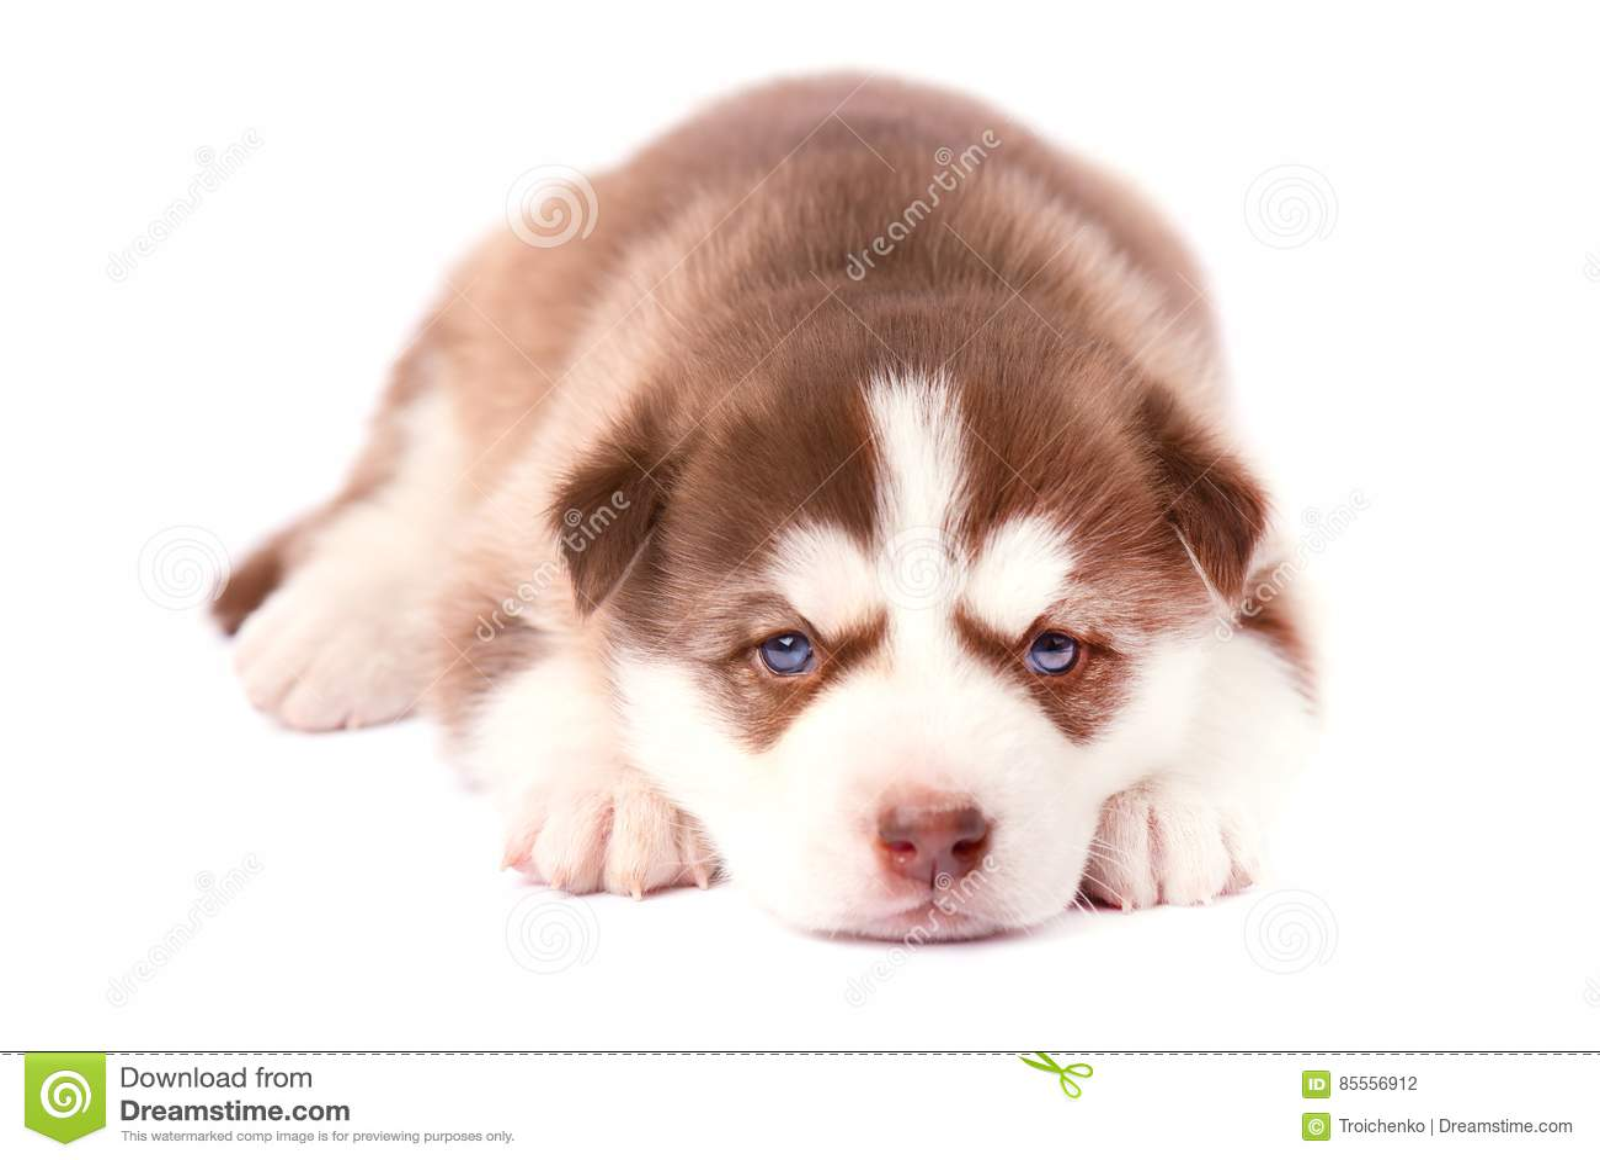 Heiserer Welpe Browns mit blauen Augen, auf weißem Hintergrund